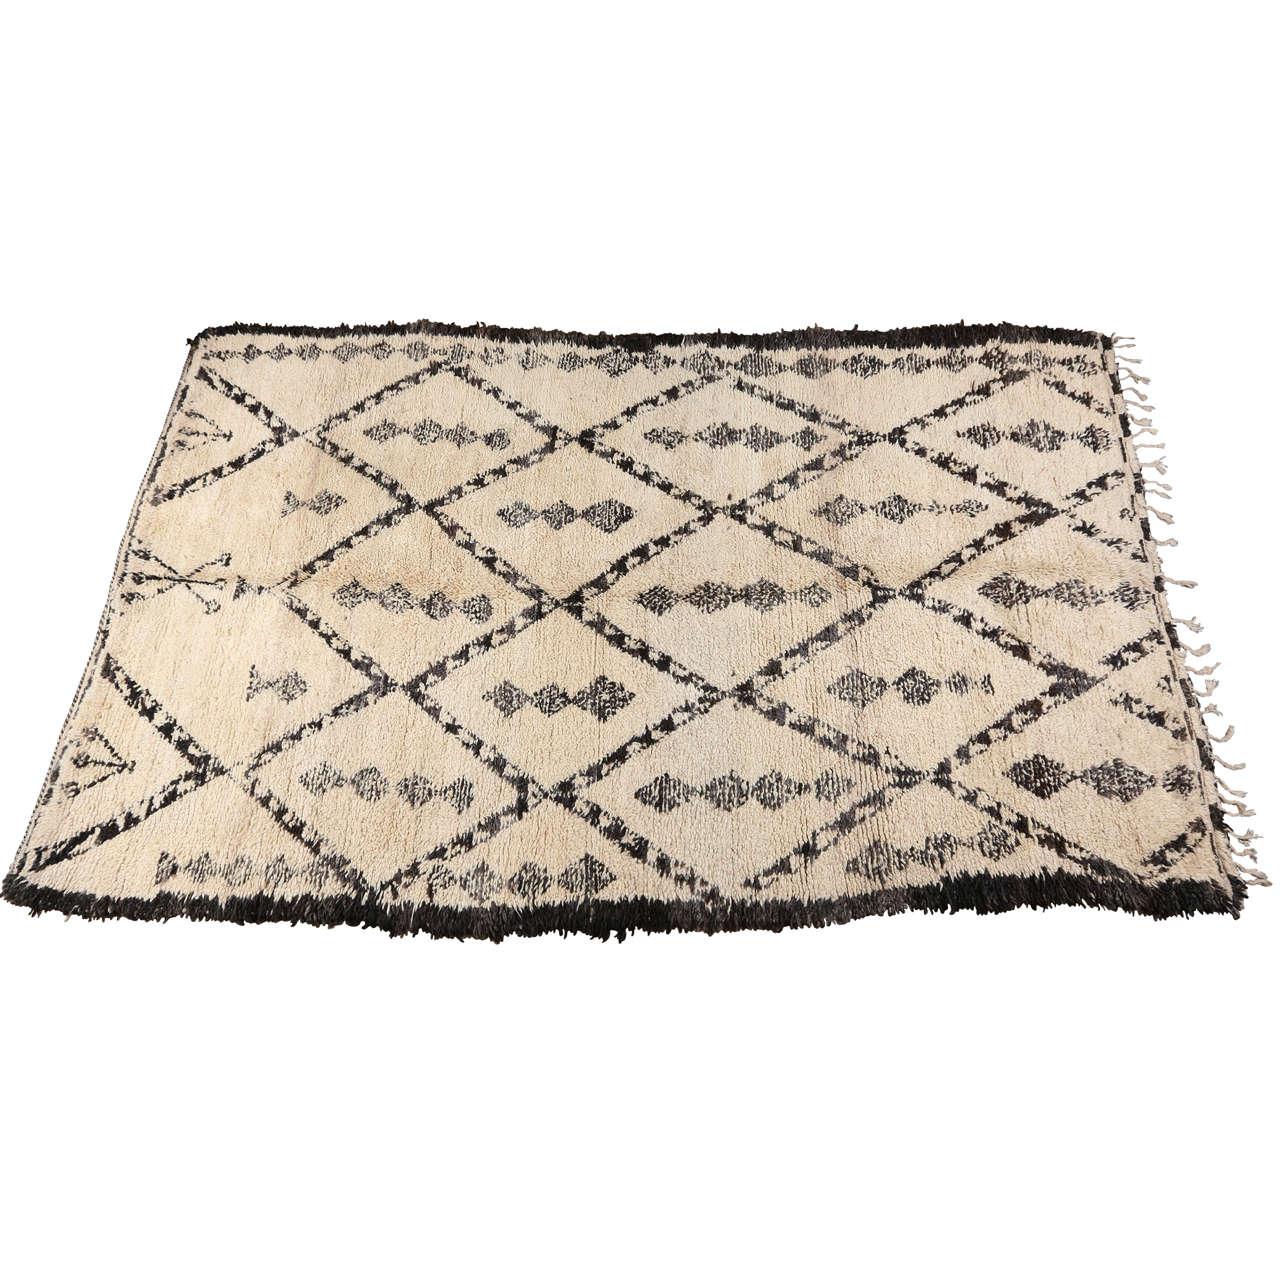 Maroc Tribal Rug: Vintage Moroccan Beni Ouarain Tribal Rug At 1stdibs